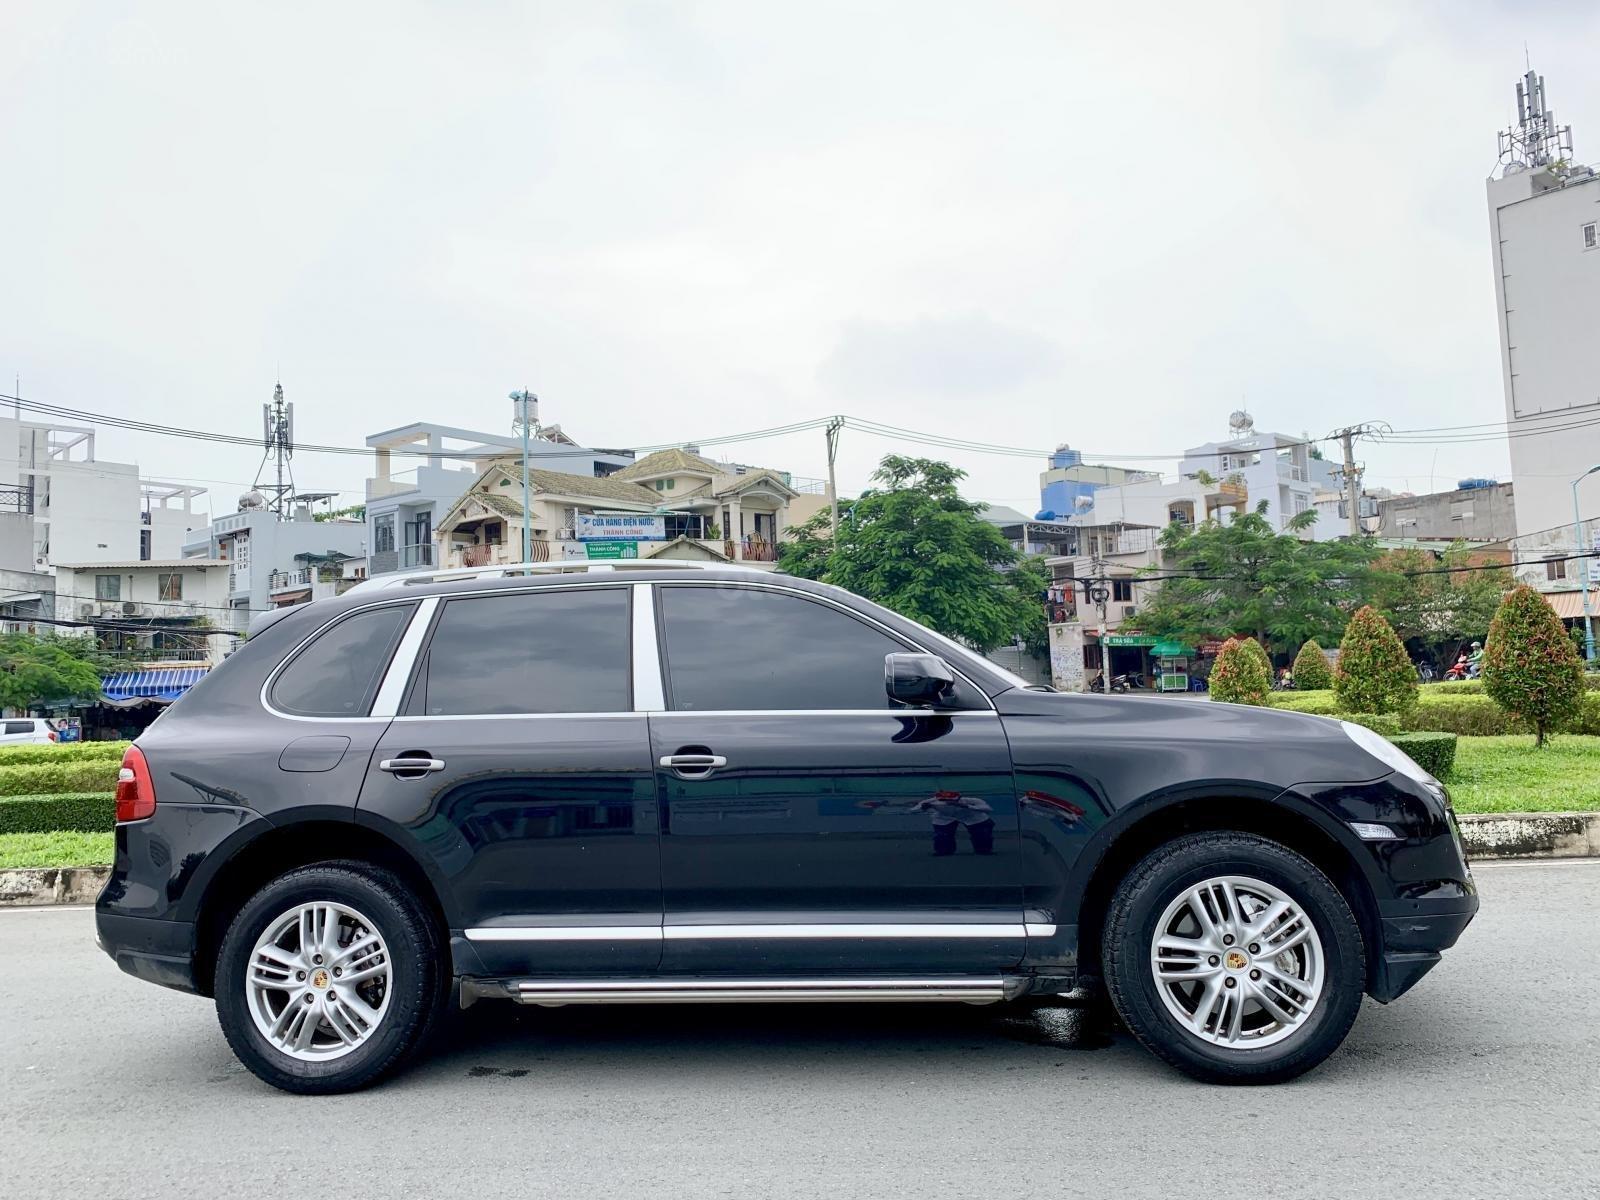 Porsche Cayenne nhập mới 2009 hàng hiếm, có chạy đúng 68 ngàn (7)